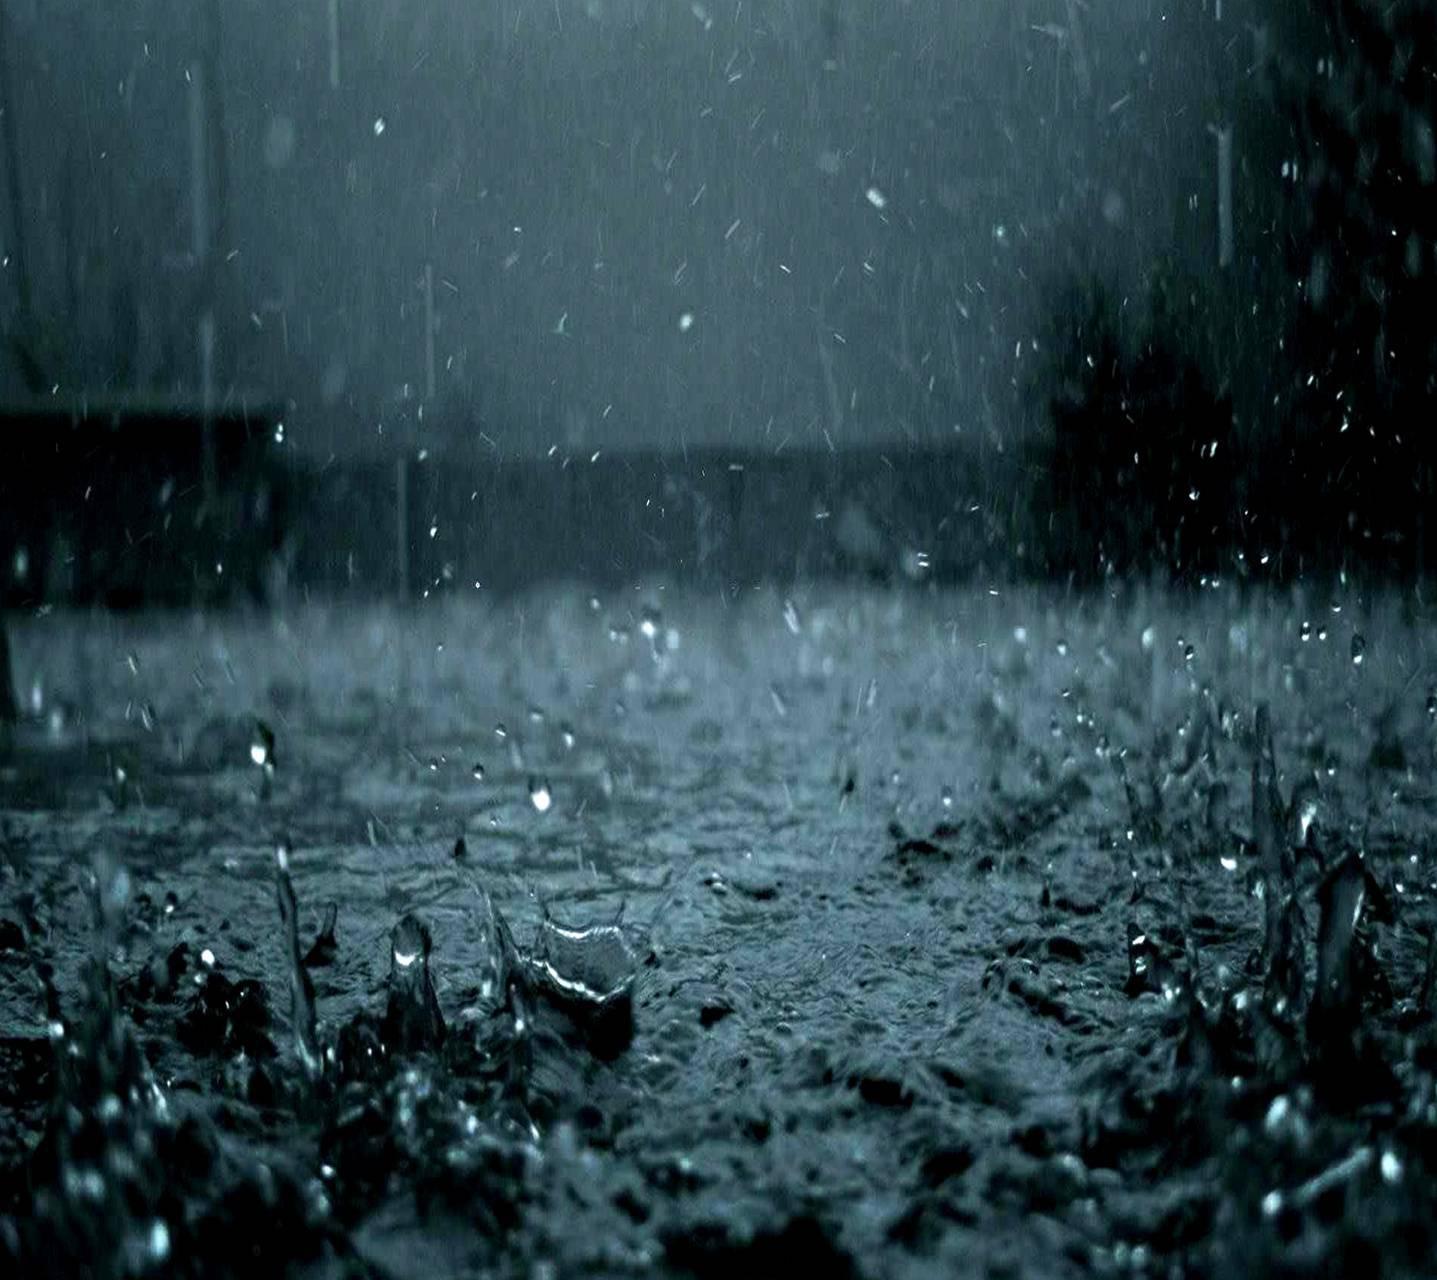 عکس زمینه قطرات باران شدید پس زمینه